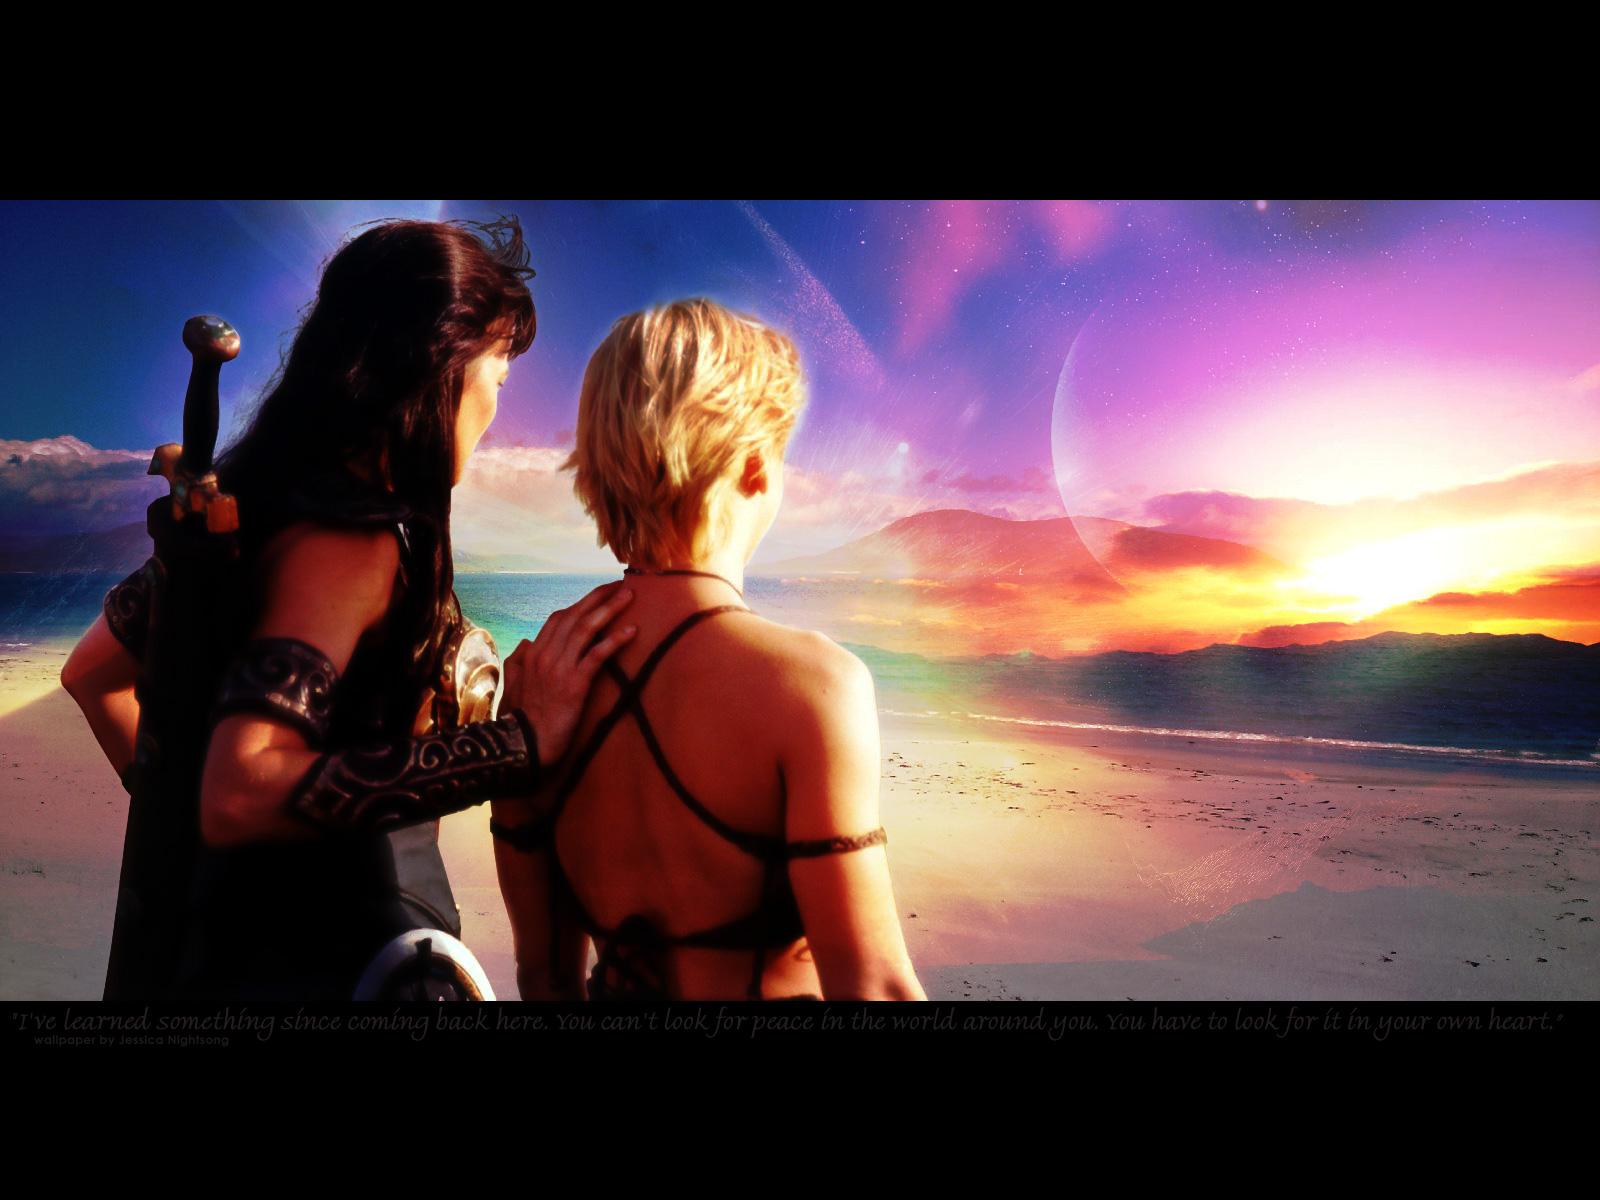 http://www.ralst.com/Xena&Gabrielle.jpg